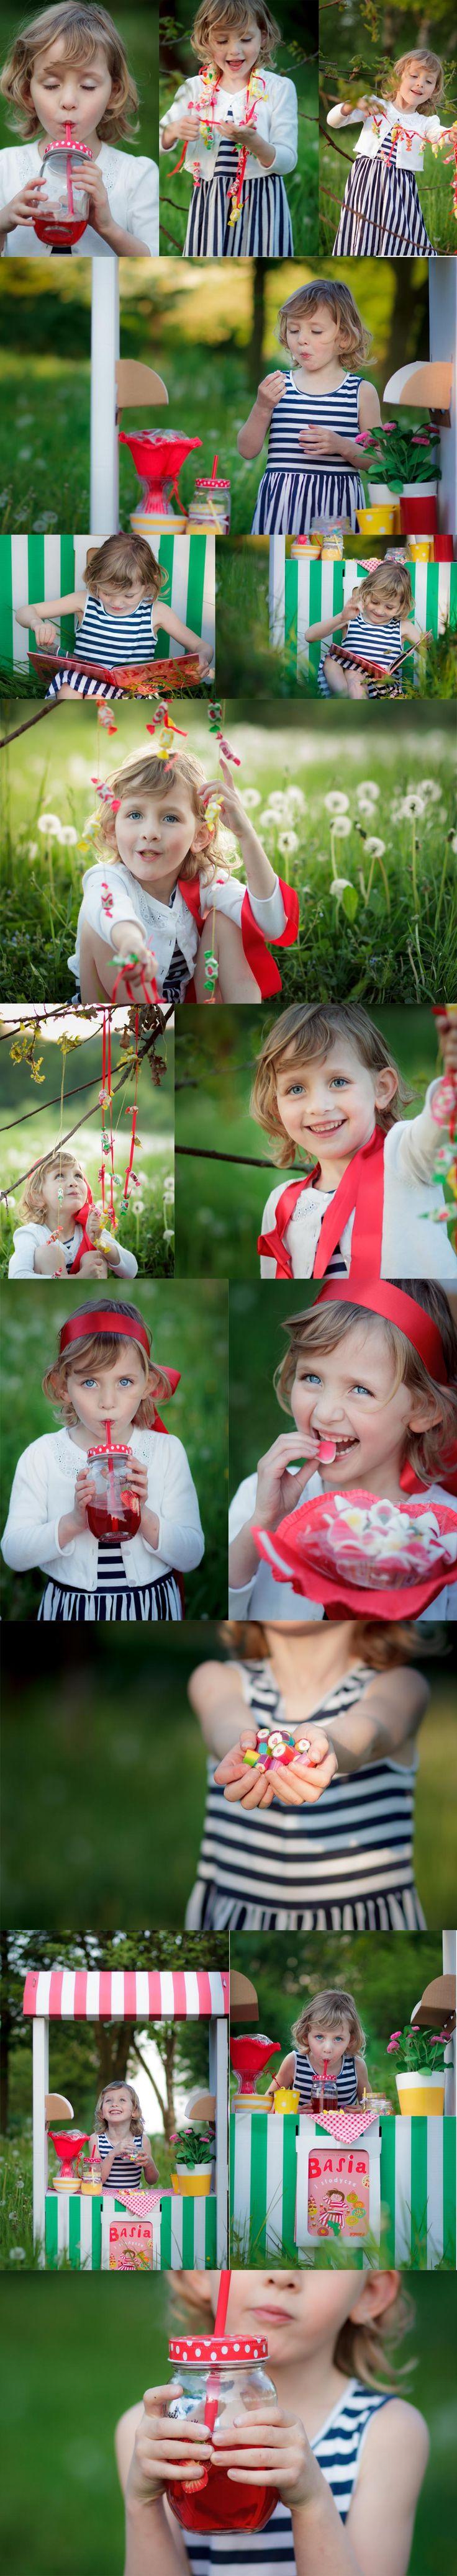 Basia i słodycze   http://krysiasudol.pl/sesja/basia-i-slodycze/